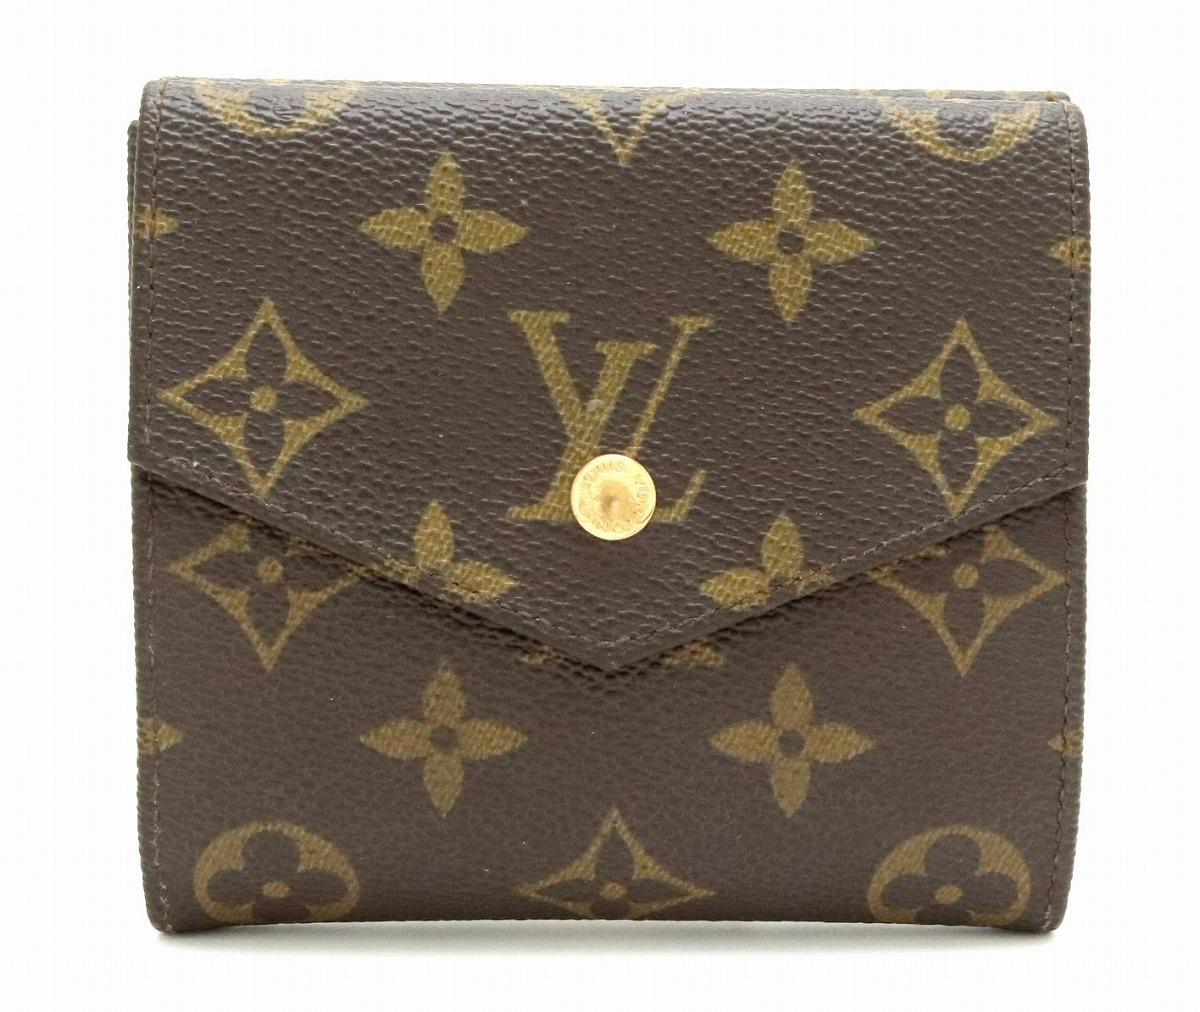 【財布】LOUIS VUITTON ルイ ヴィトン モノグラム ダブルホック財布 Wホック財布 M61660 【中古】【k】